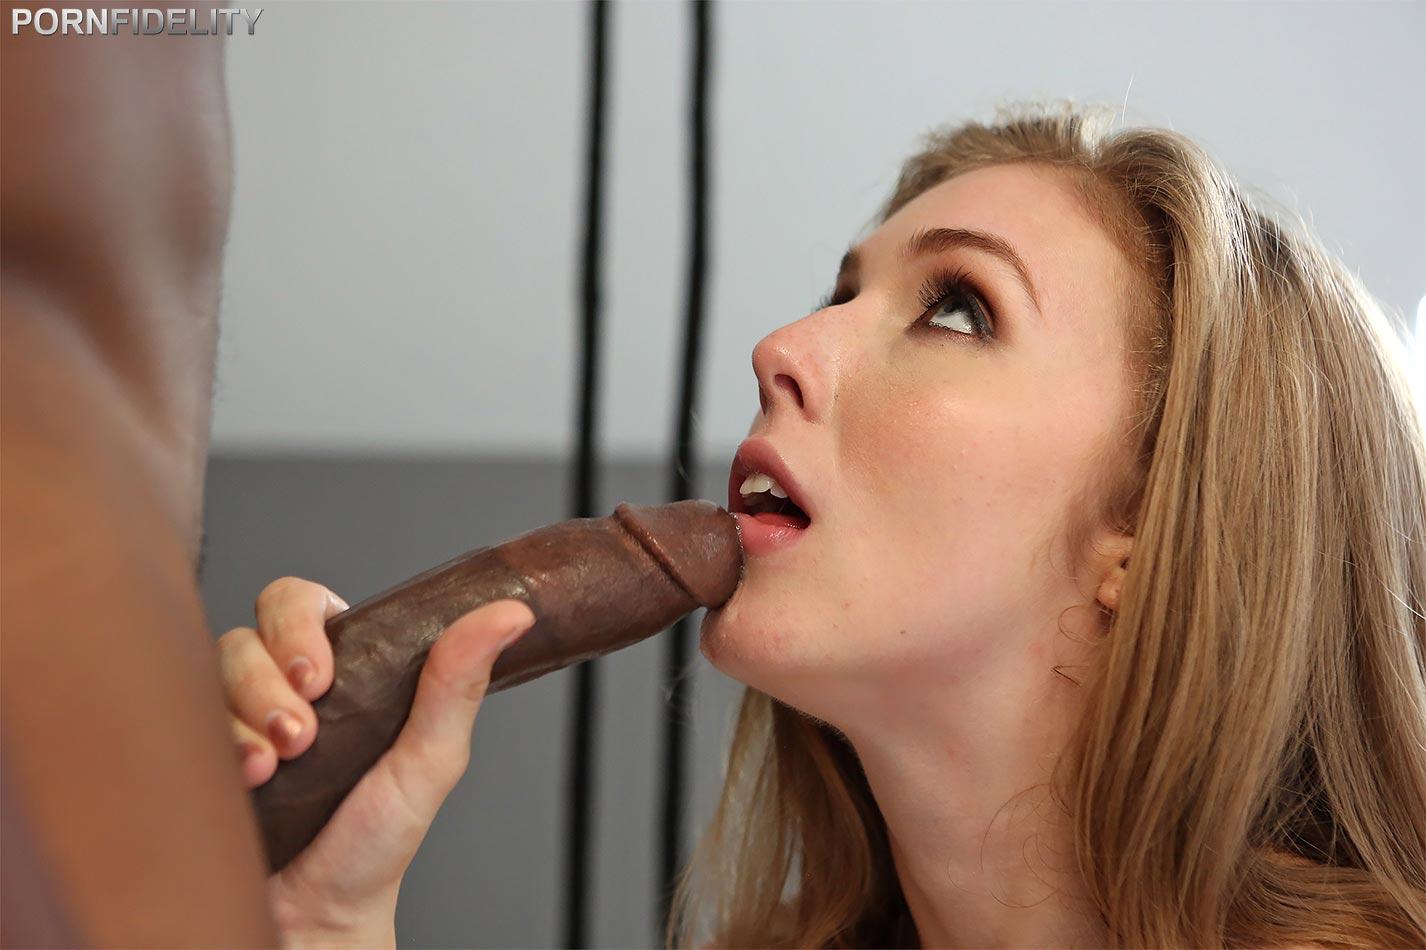 http://www.ultra4kporn.com/wp-content/uploads/2017/10/463B8238.jpg